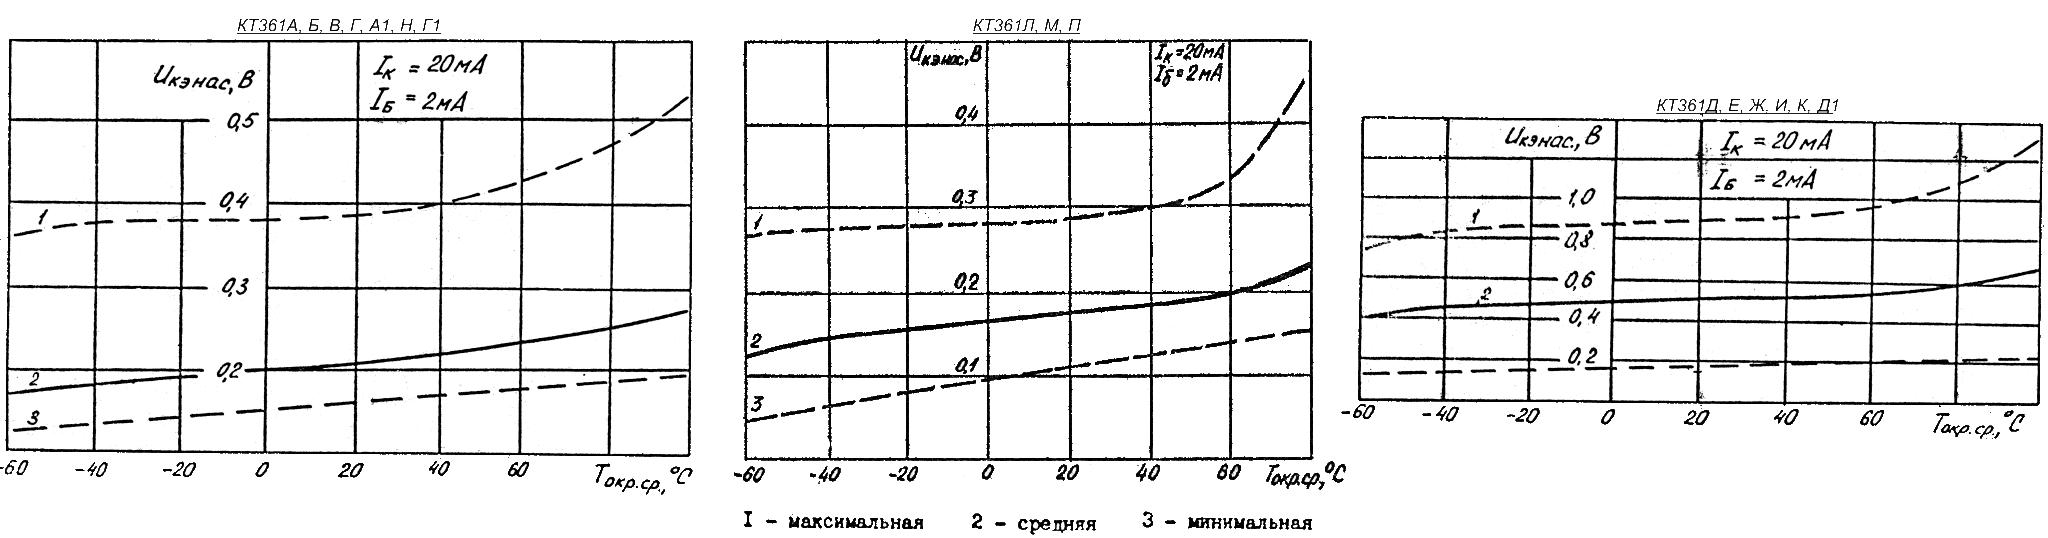 Зависимость напряжения между коллектором и эмиттером транзисторов КТ361, в режиме насыщения от температуры окружающей среды с 95% разбросом